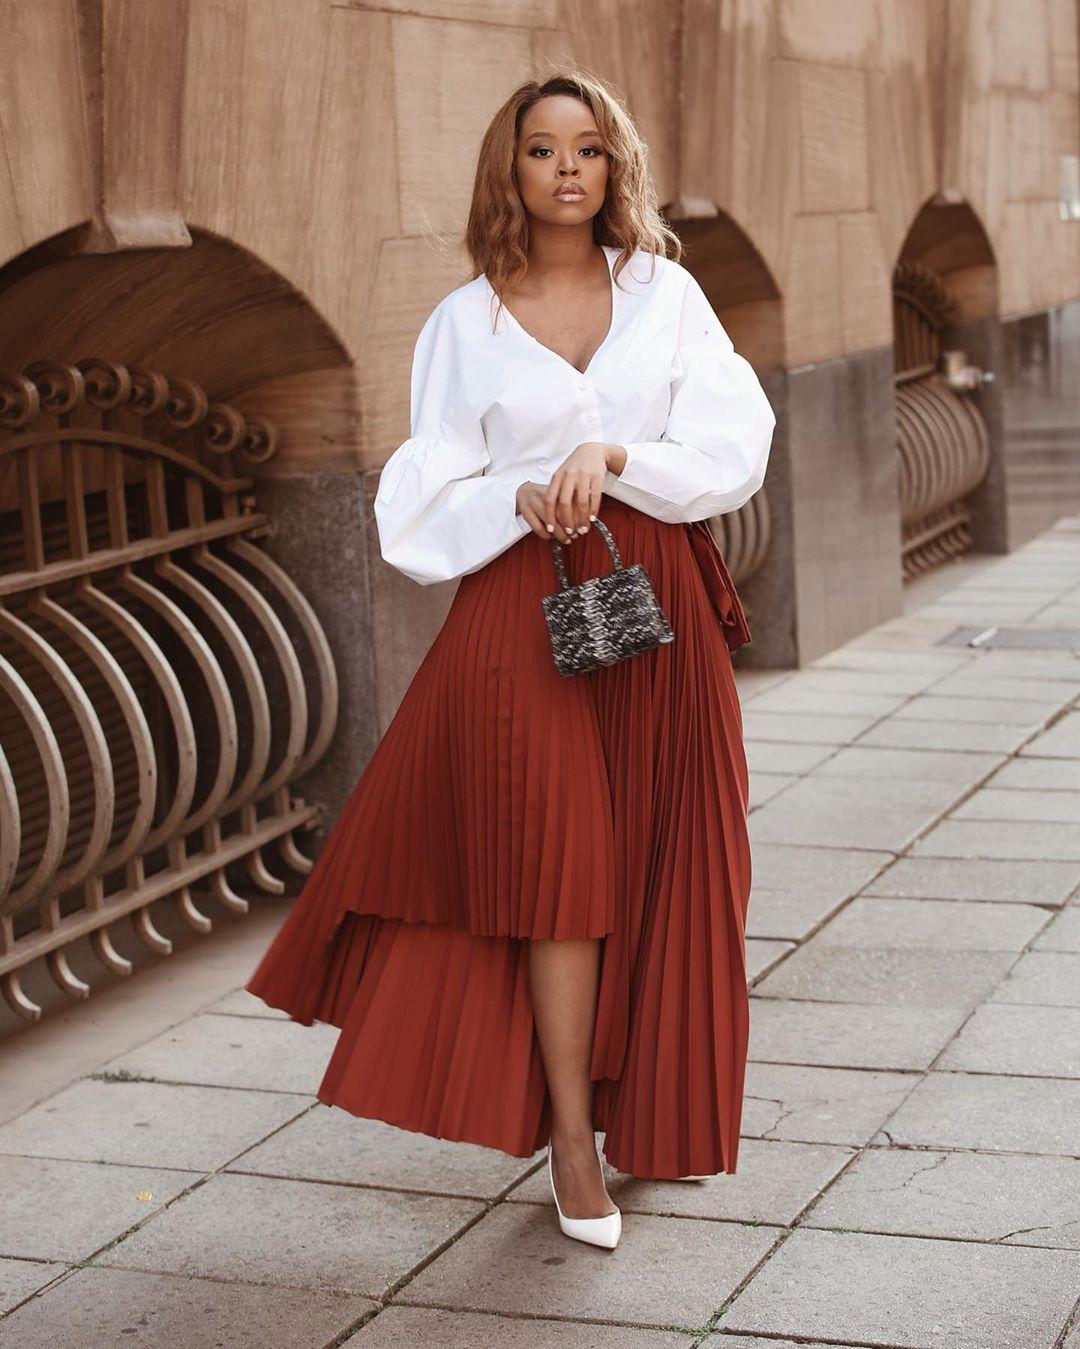 lerato kgamanyane fashion style 2020